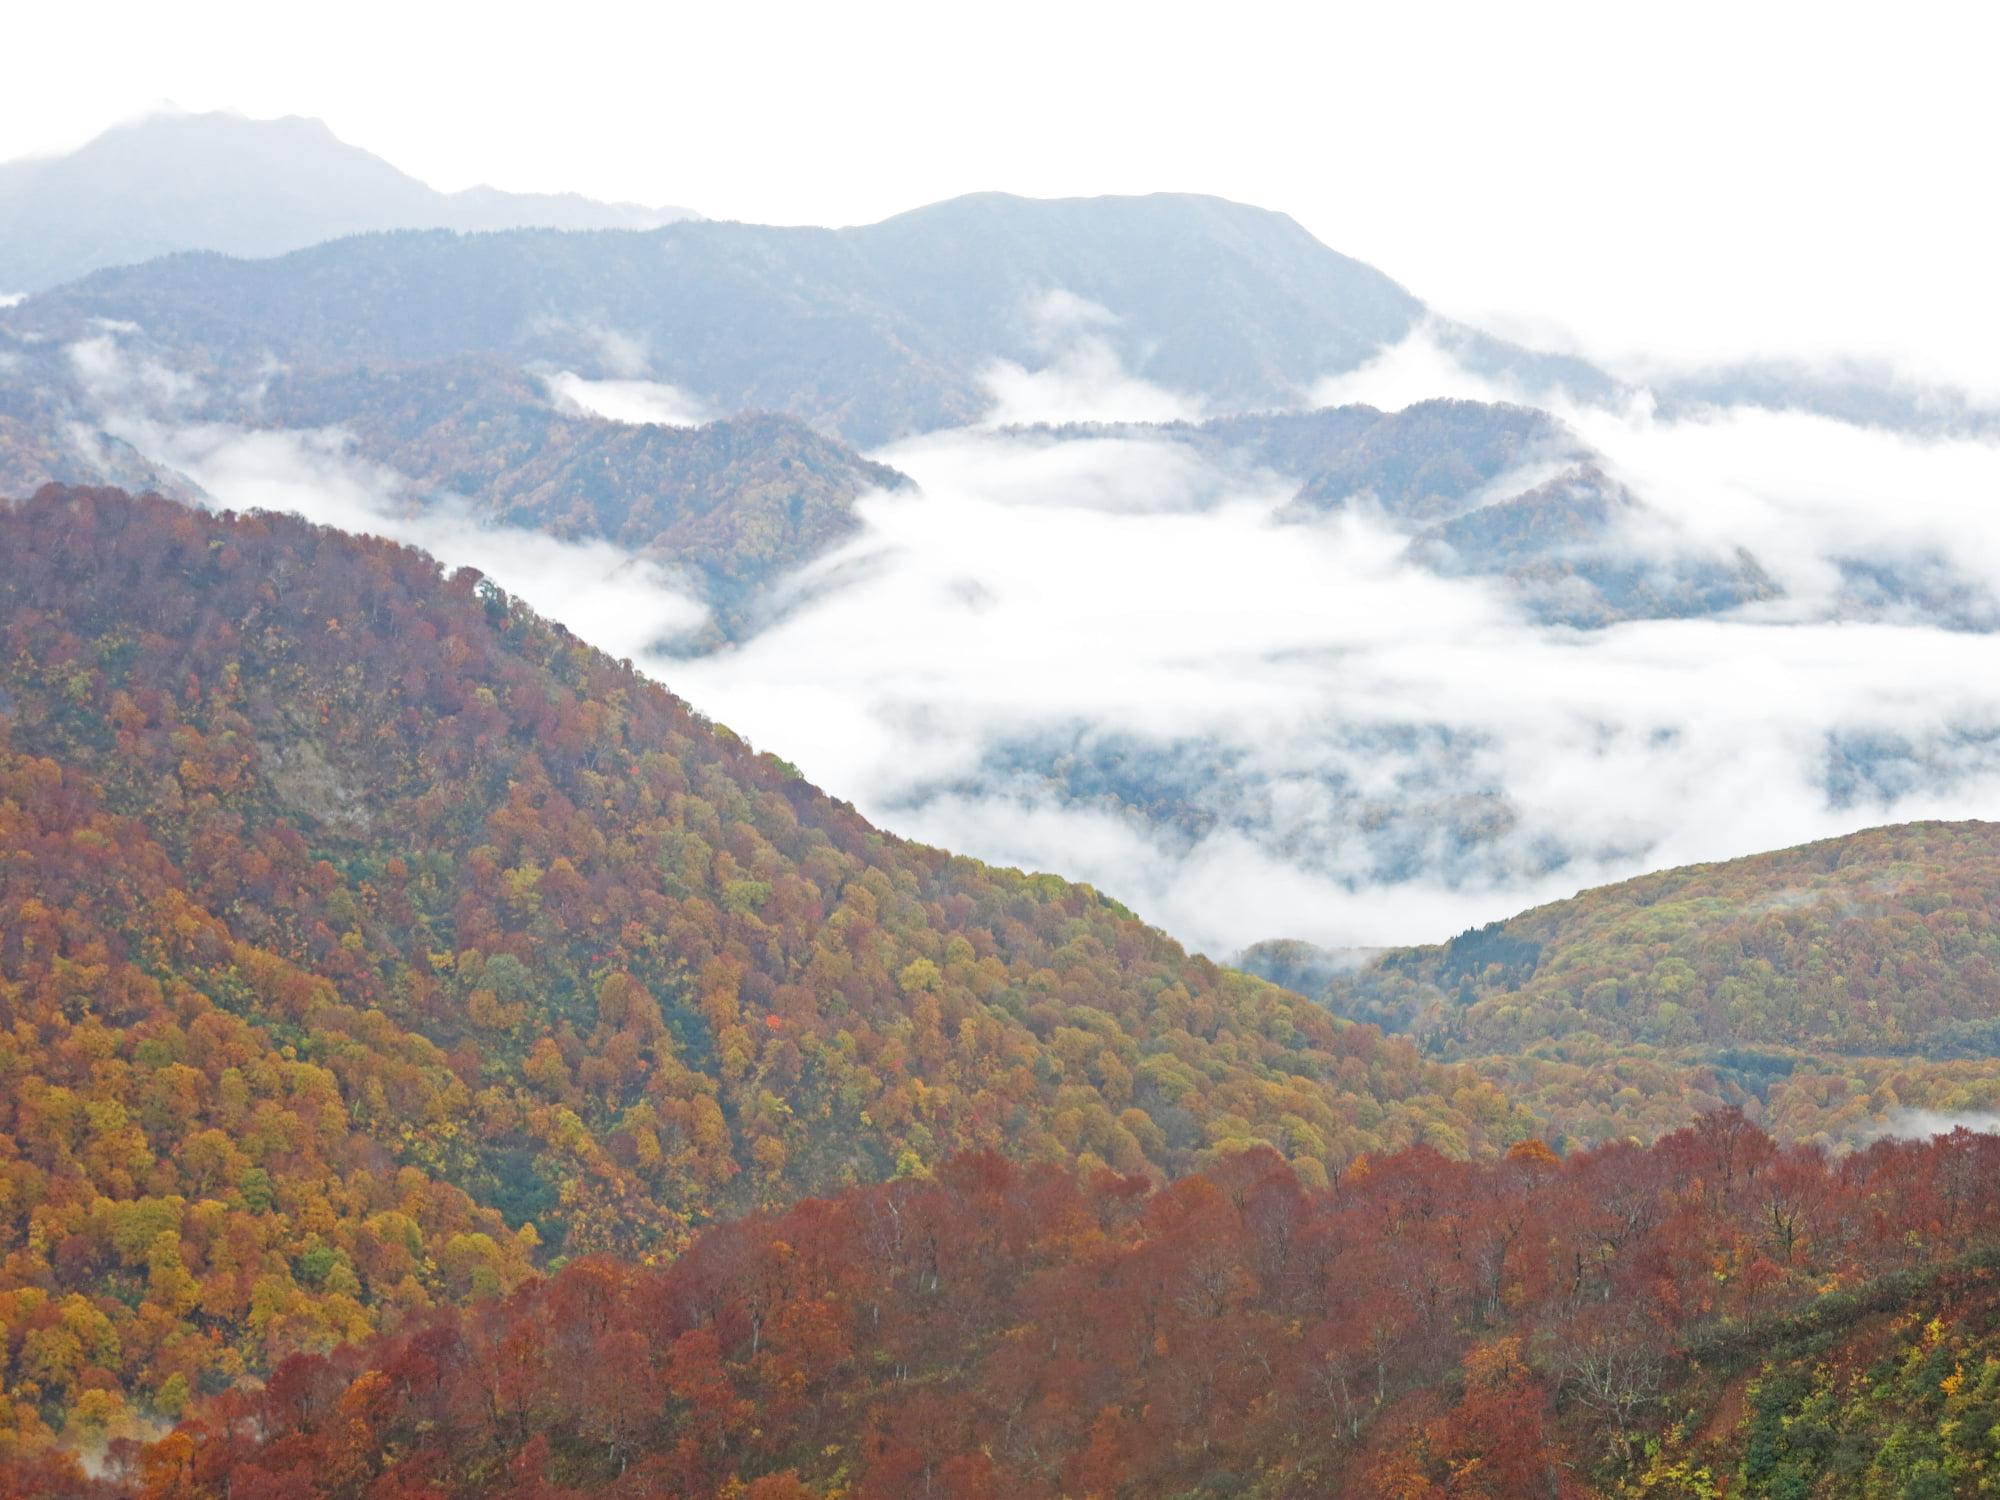 2020.10.22-23、雨飾山に行ってきました☆(その2)